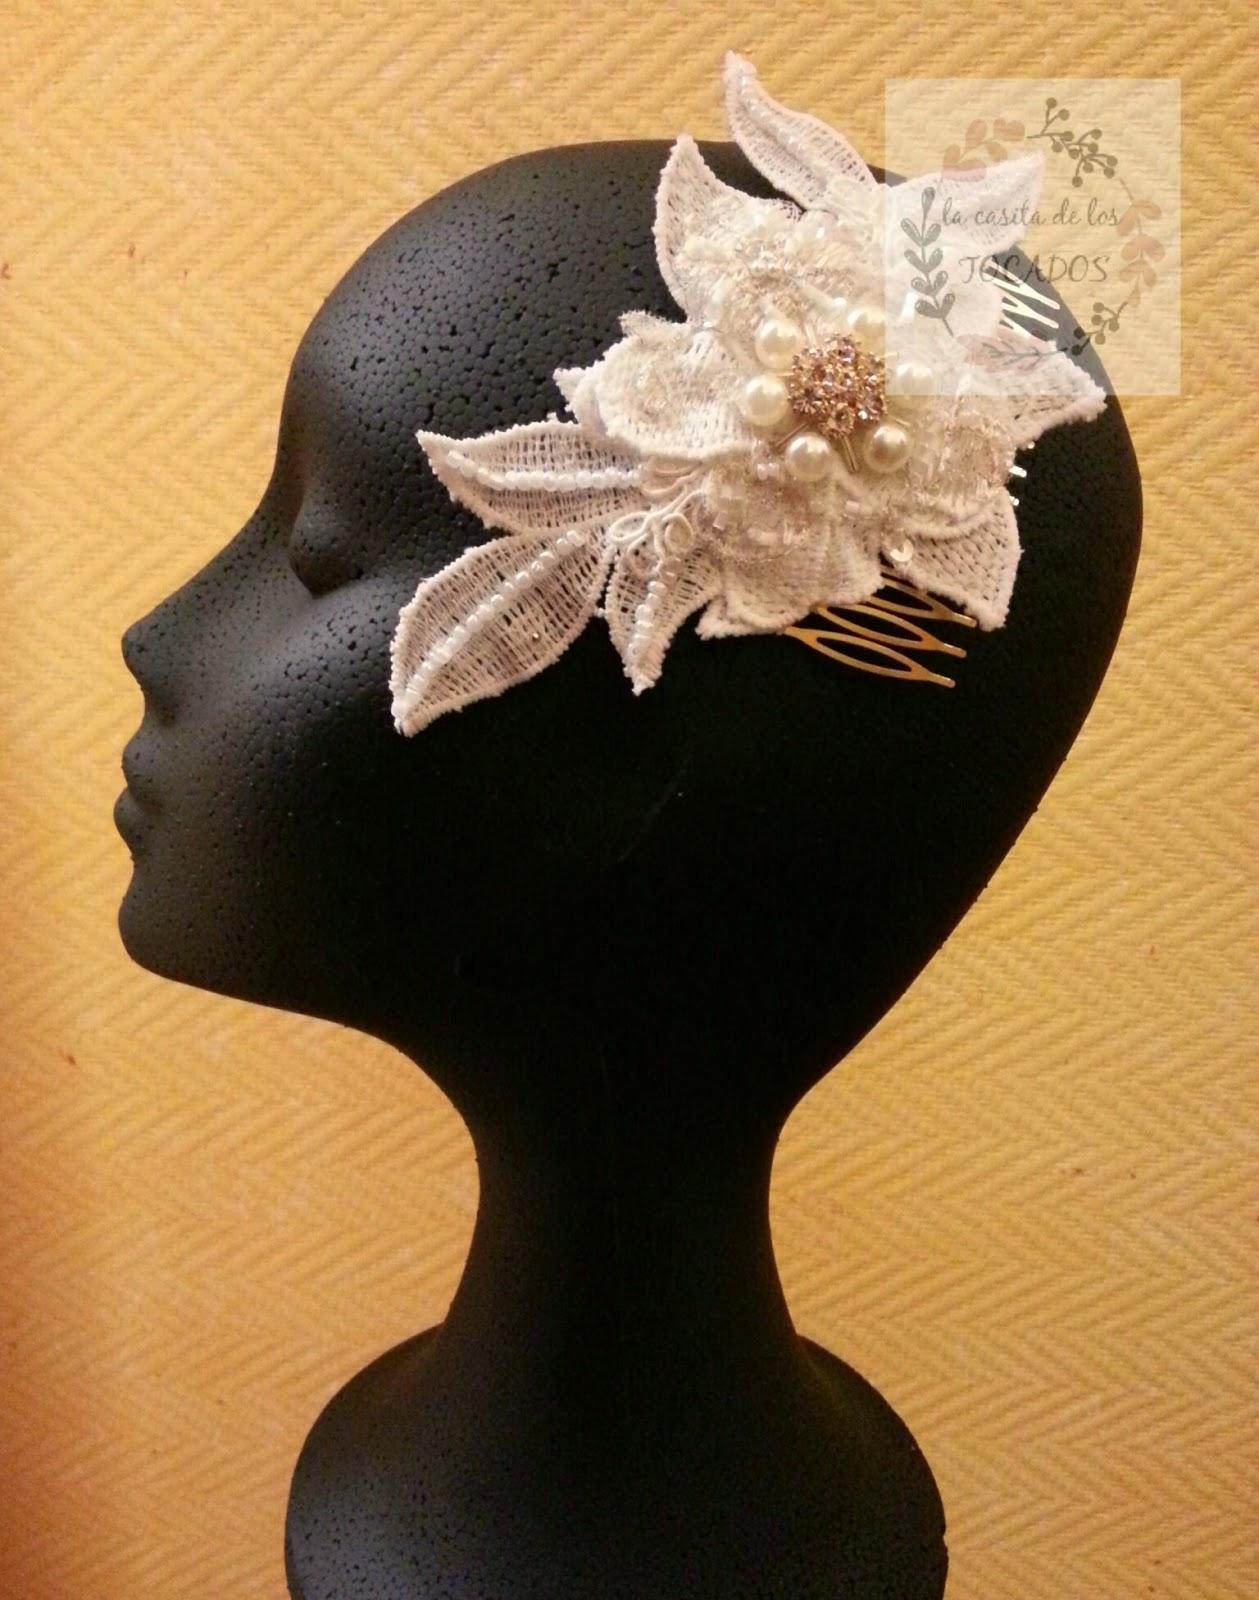 tocado de novia artesanal bordado a mano sobre base de guipur en blanco